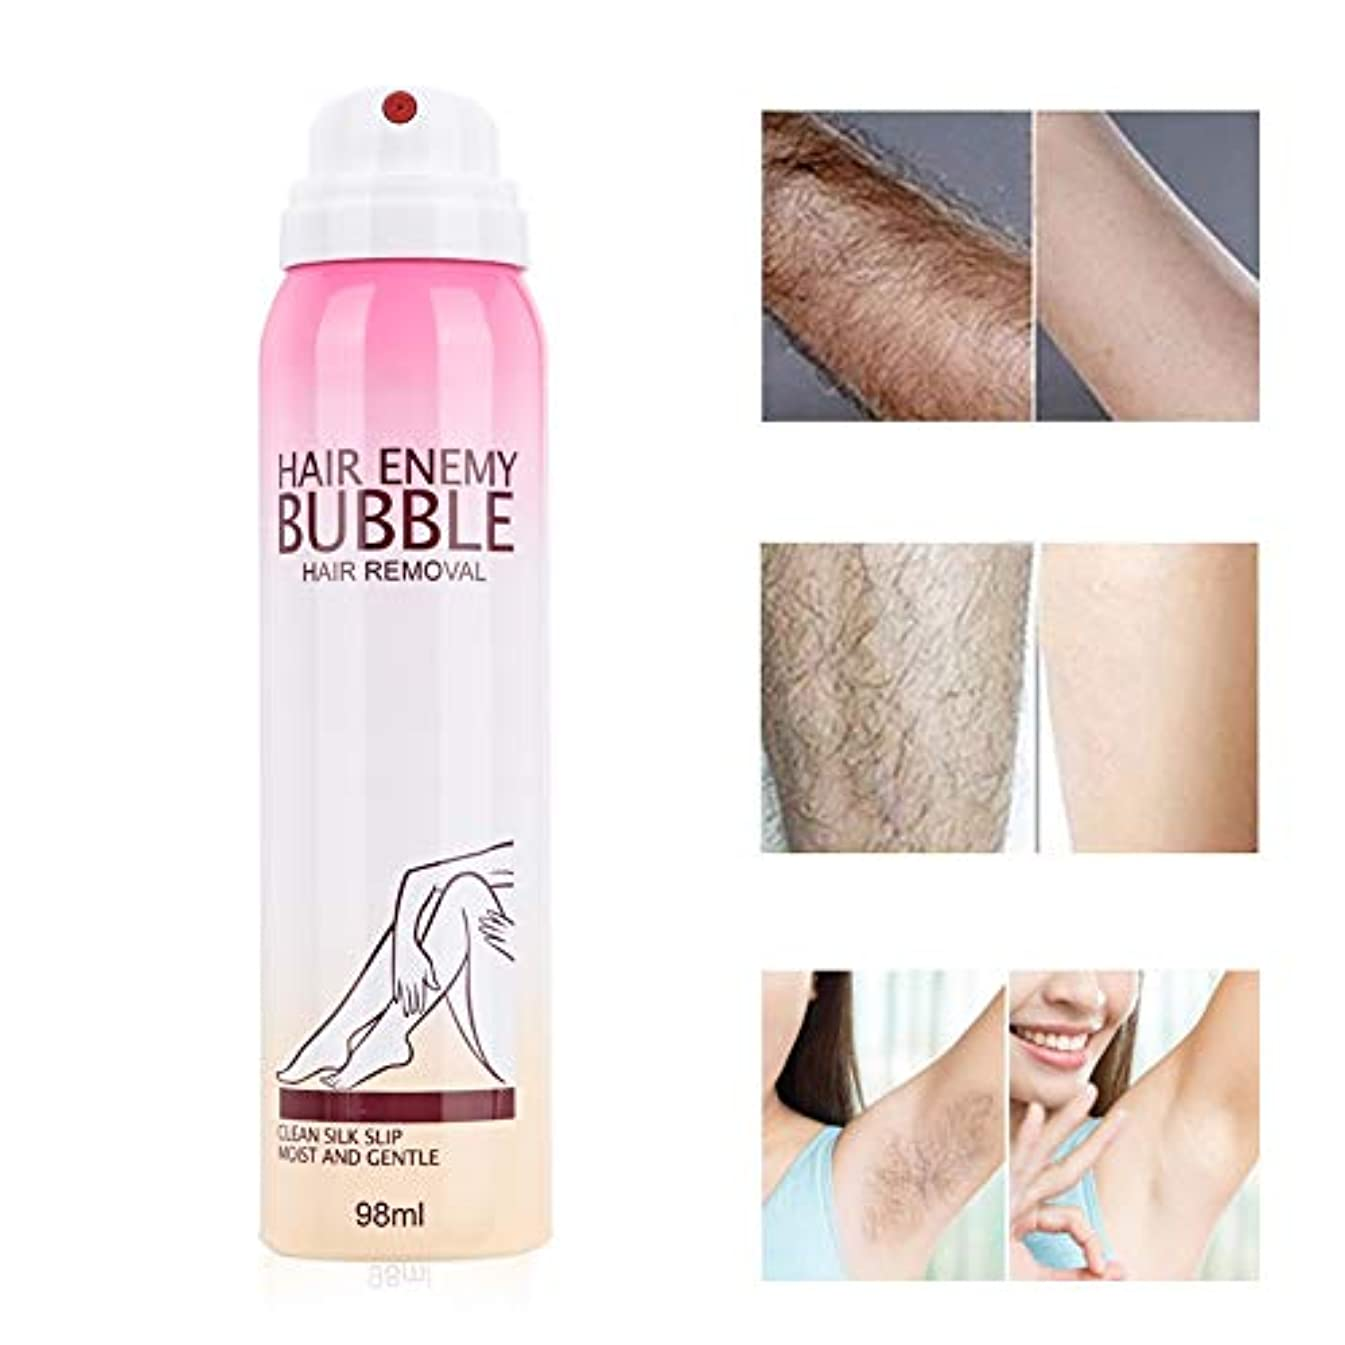 リレー無心集まる泡毛除去クリーム、ナチュラル痛みのない肌にやさしいソフトと長続きがする女性のためのヘアリムーバースプレー穏やかな脱毛スプレーフォームクリーム98ミリリットル